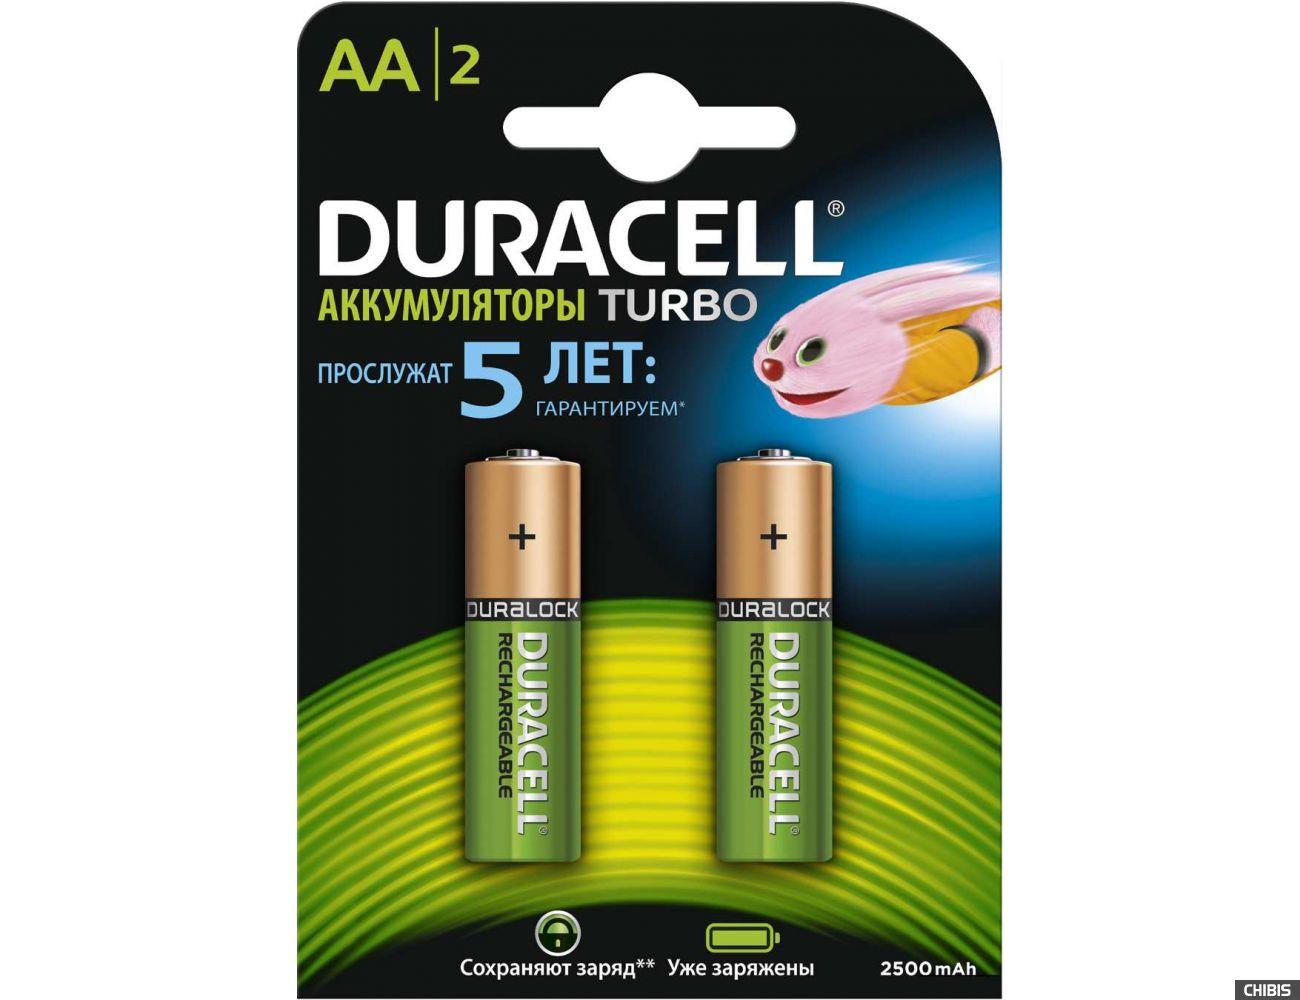 Аккумуляторные батарейки АА Duracell 2500 mAh Turbo HR6, Ni-Mh, 1.2V 2/2 шт. 5000394057128